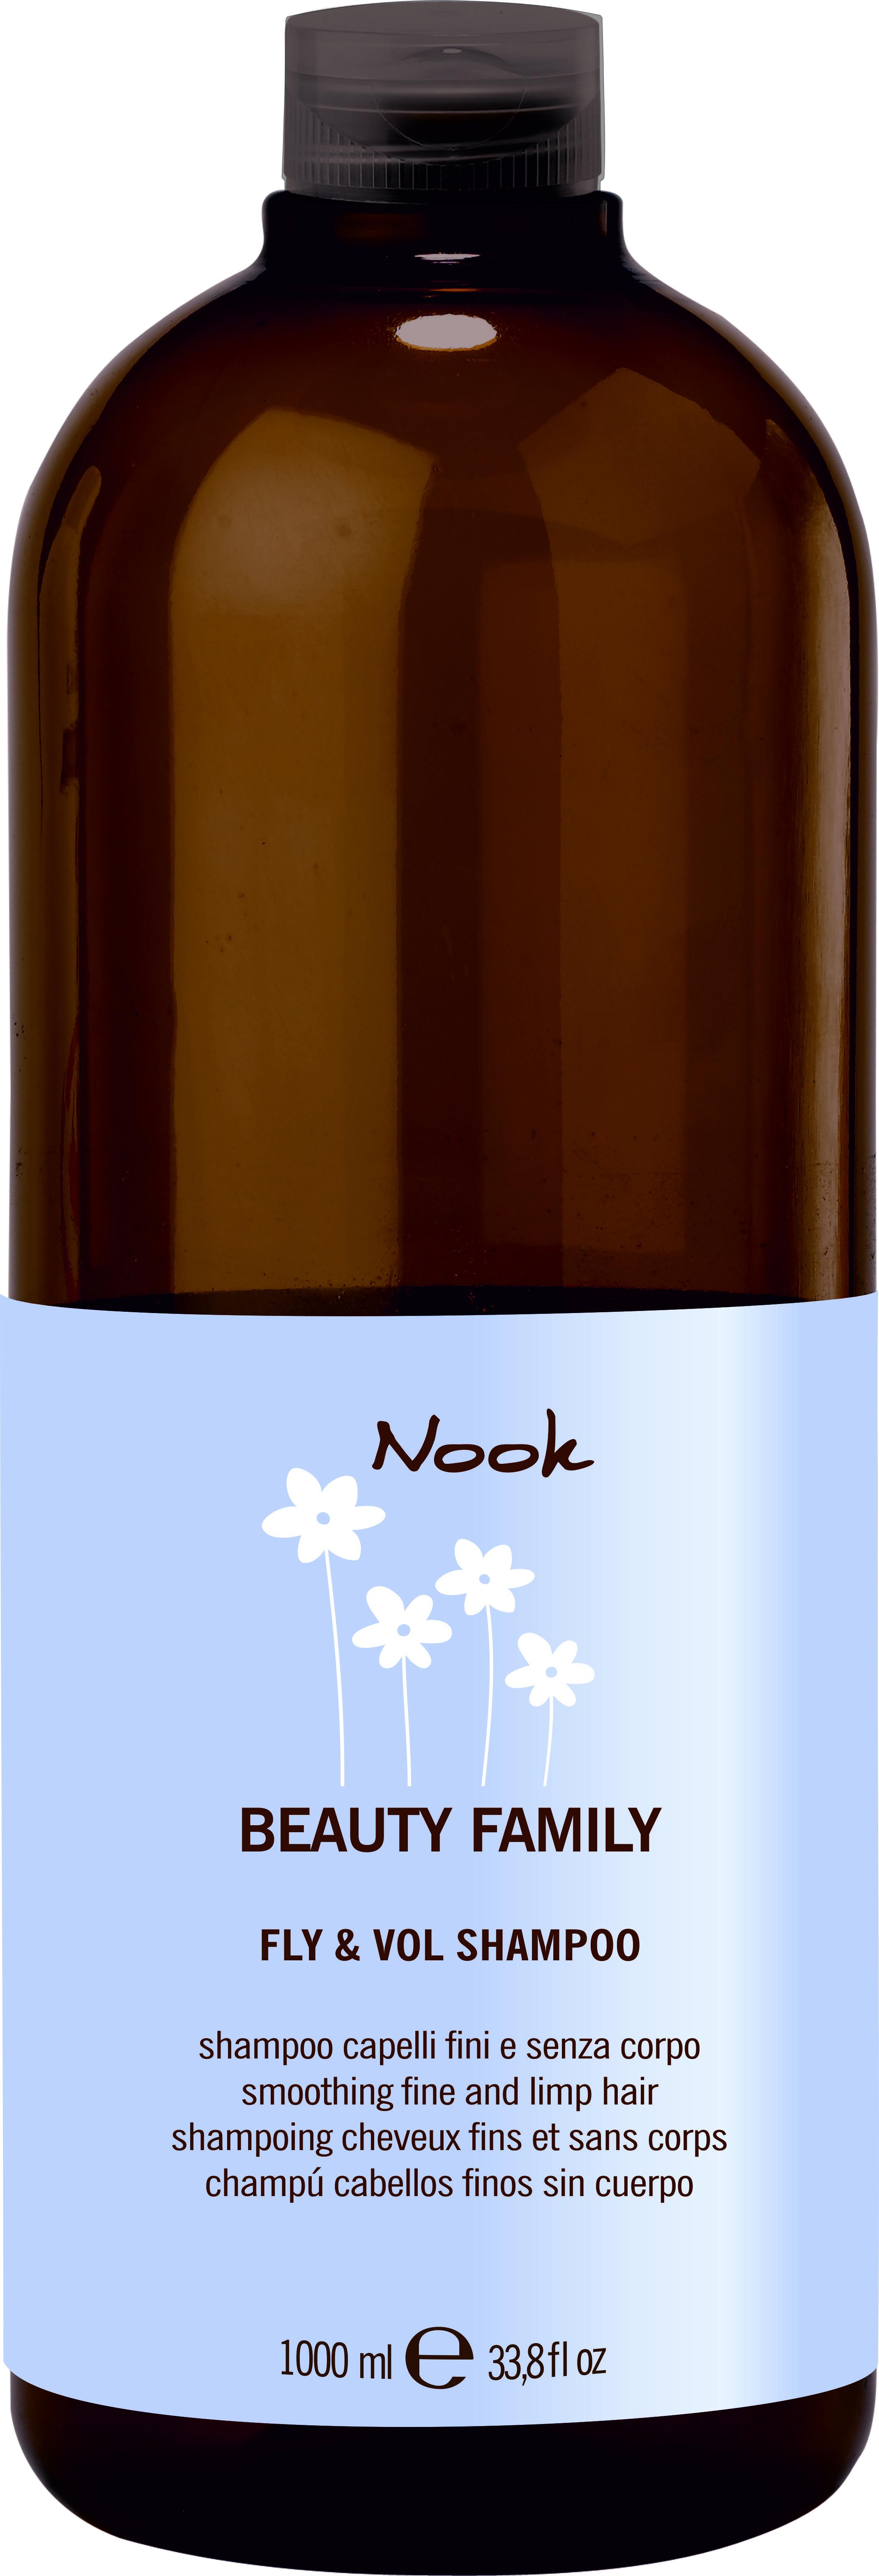 NOOK Шампунь для тонких и слабых волос Ph 5,5 / Fly  Vol Shampoo BEAUTY FAMILY 1000 мл